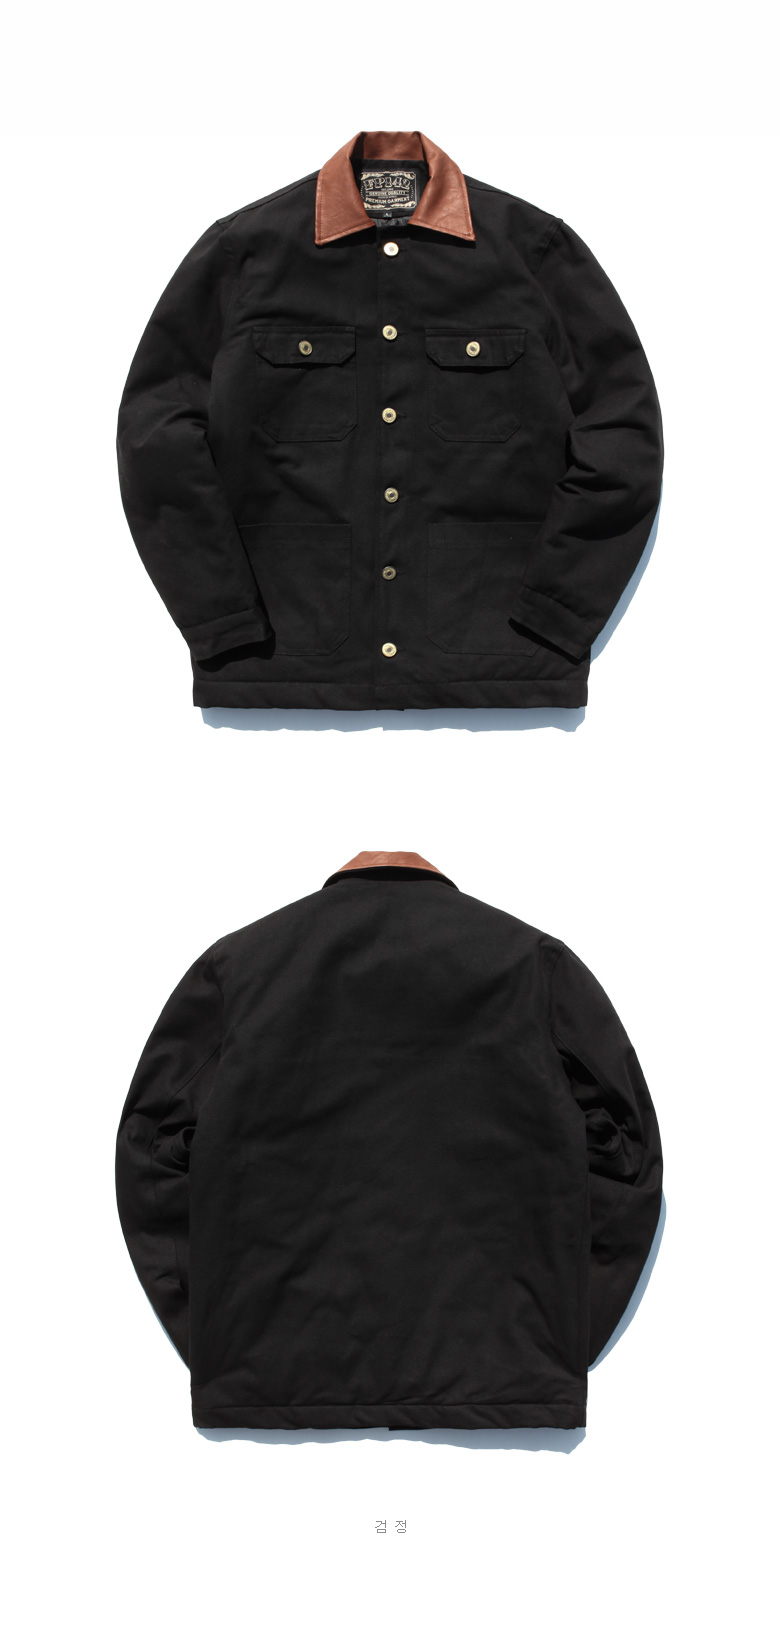 [페플] 크리티컬142 면자켓 검정 KHOT1097